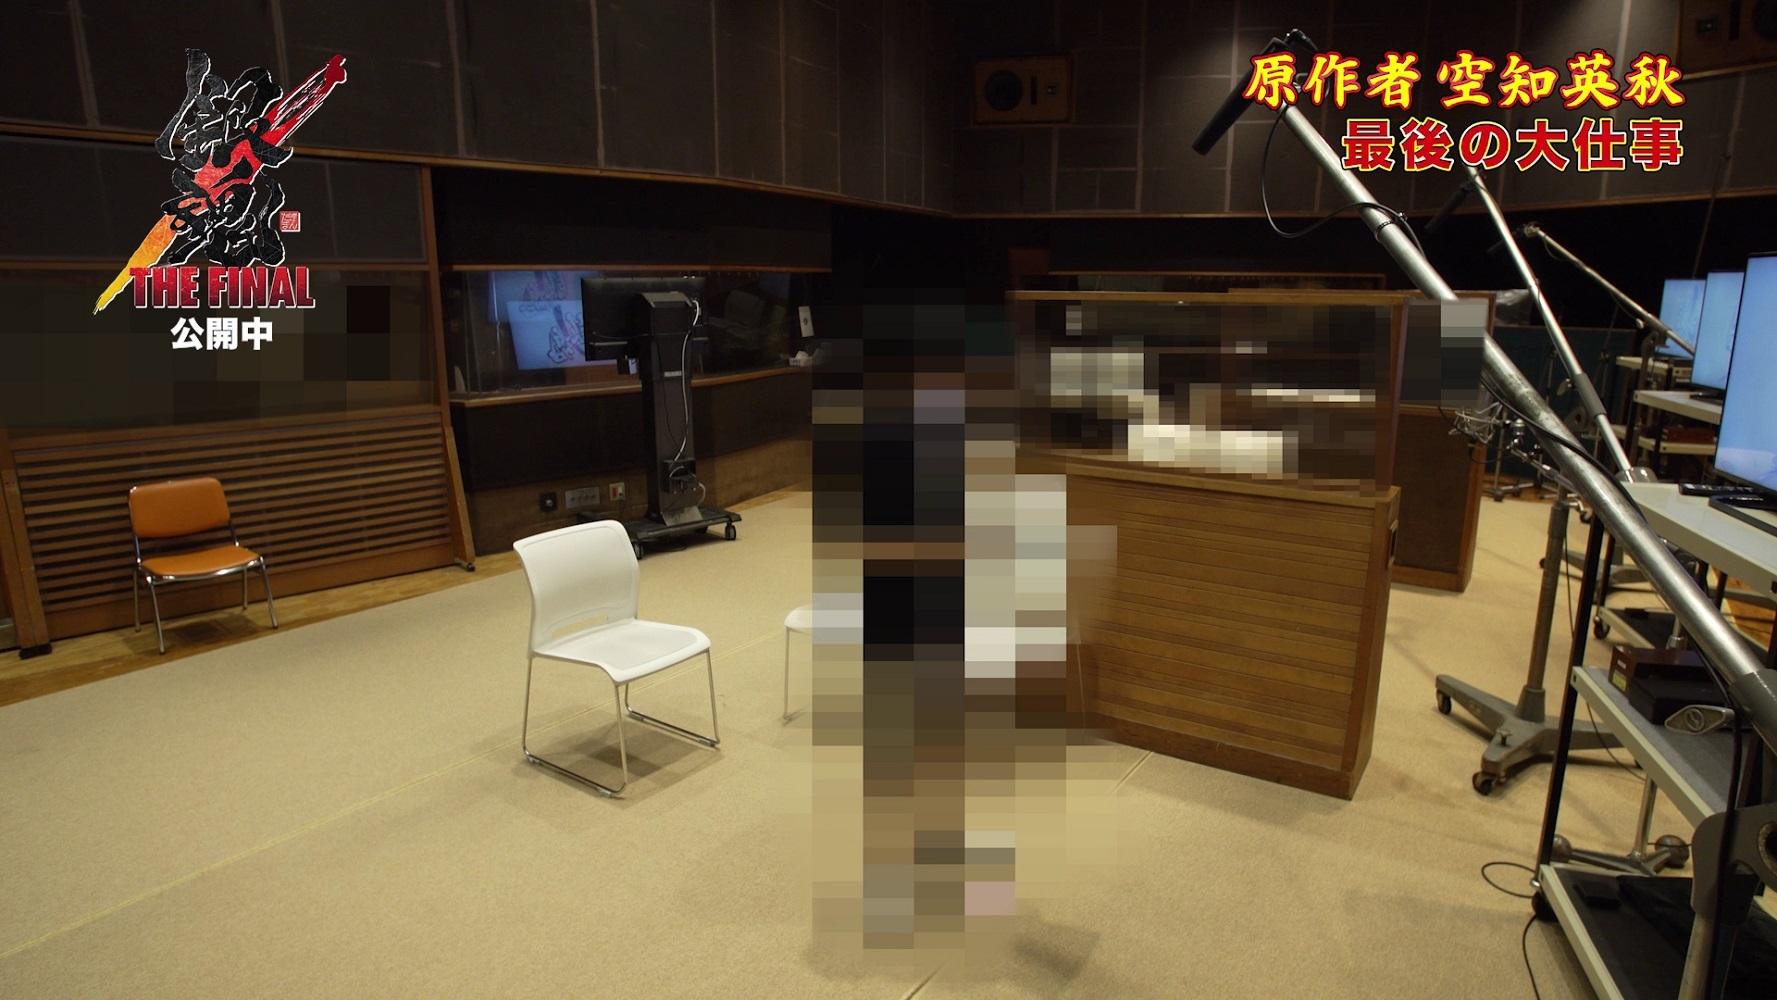 (C)空知英秋/劇場版銀魂製作委員会